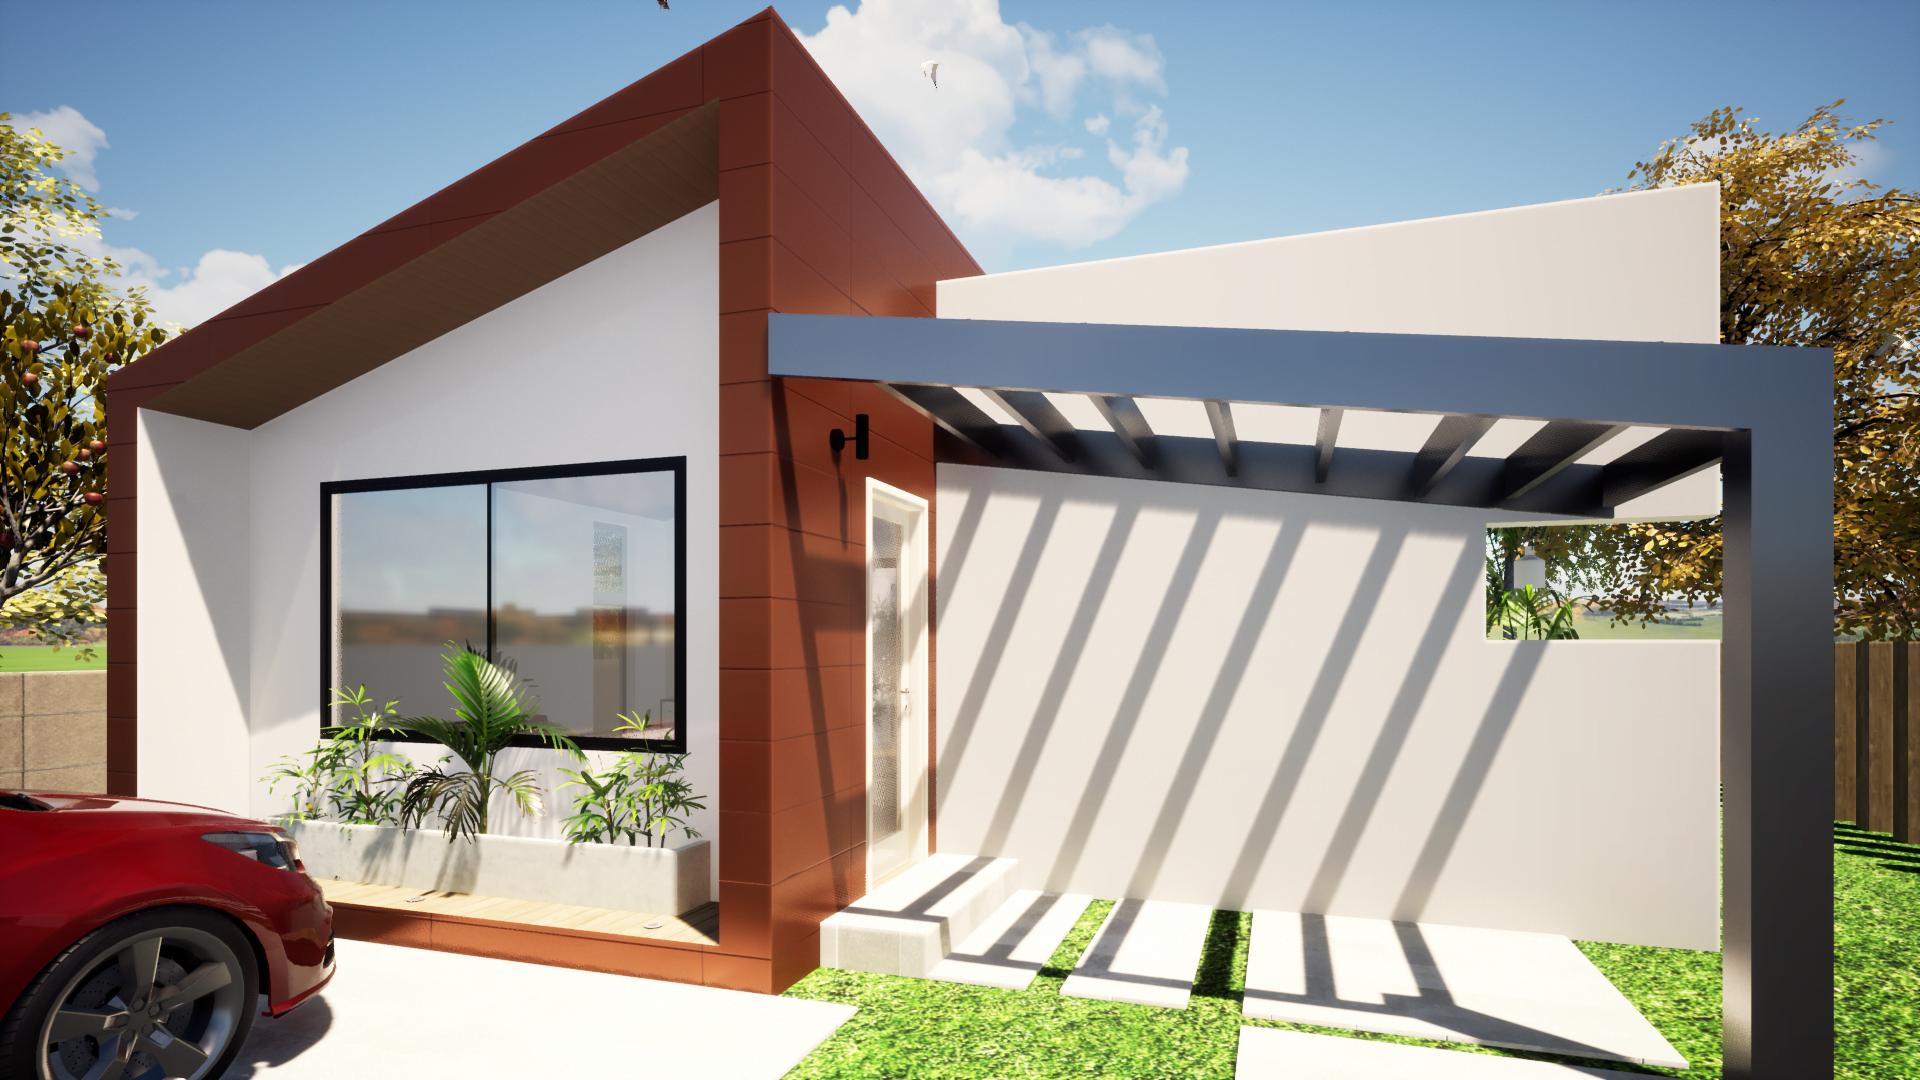 Casas Pré-fabricadas preços low cost